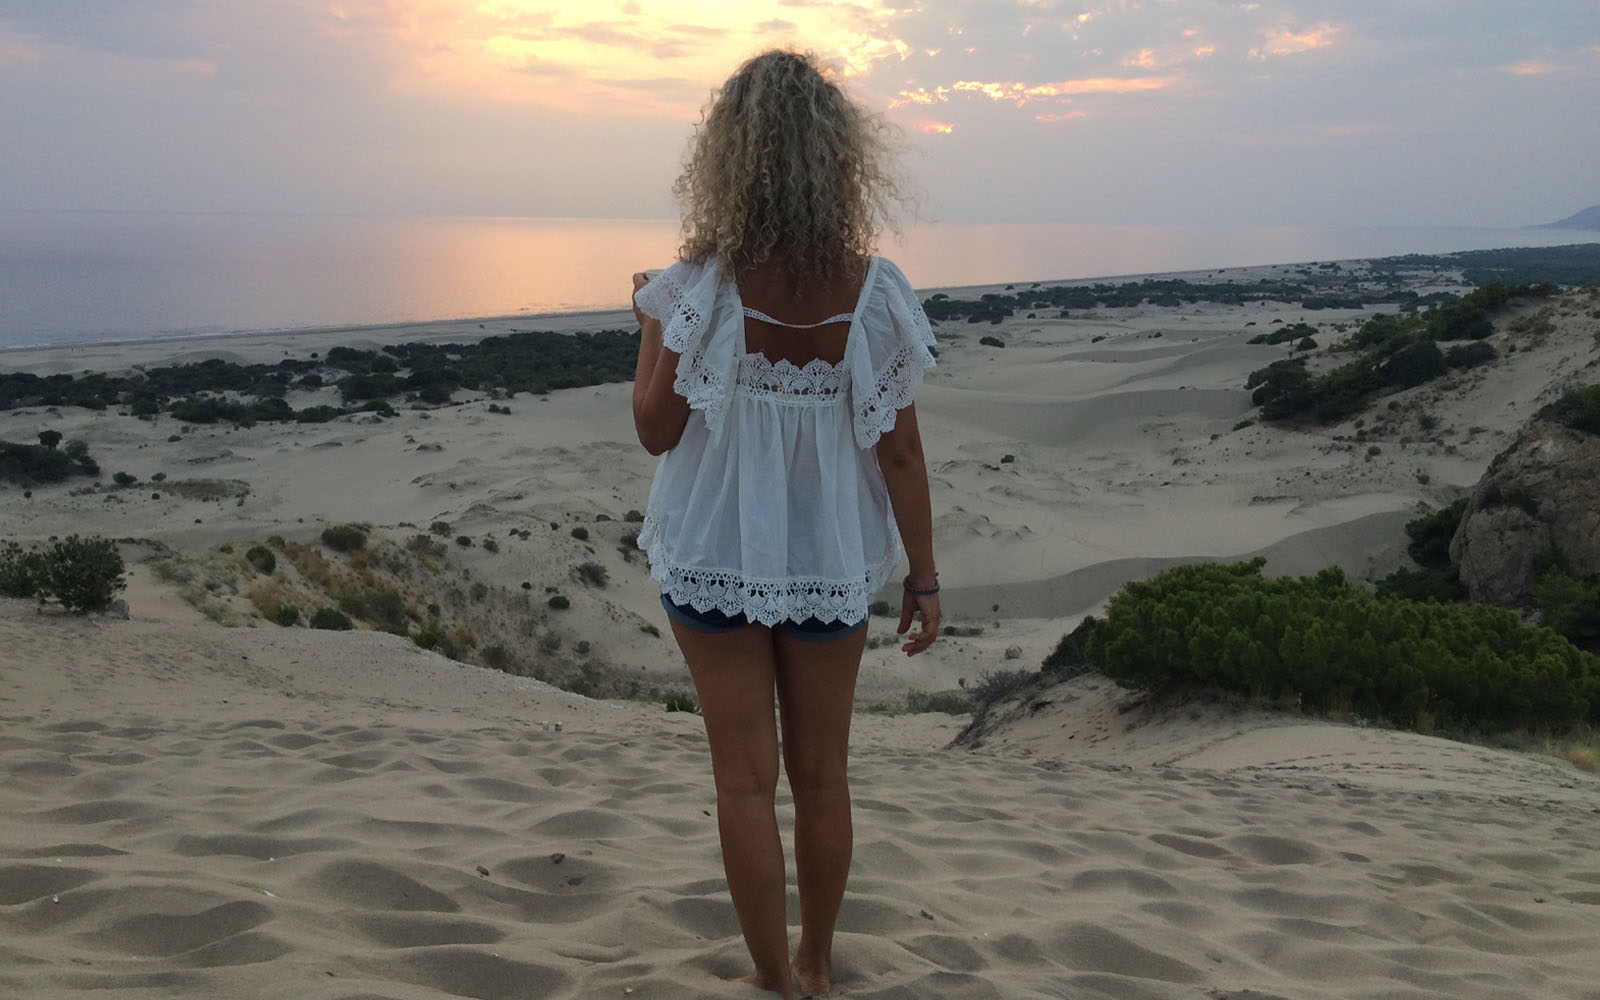 Lo spettacolo del tramonto sulle dune di Patara.